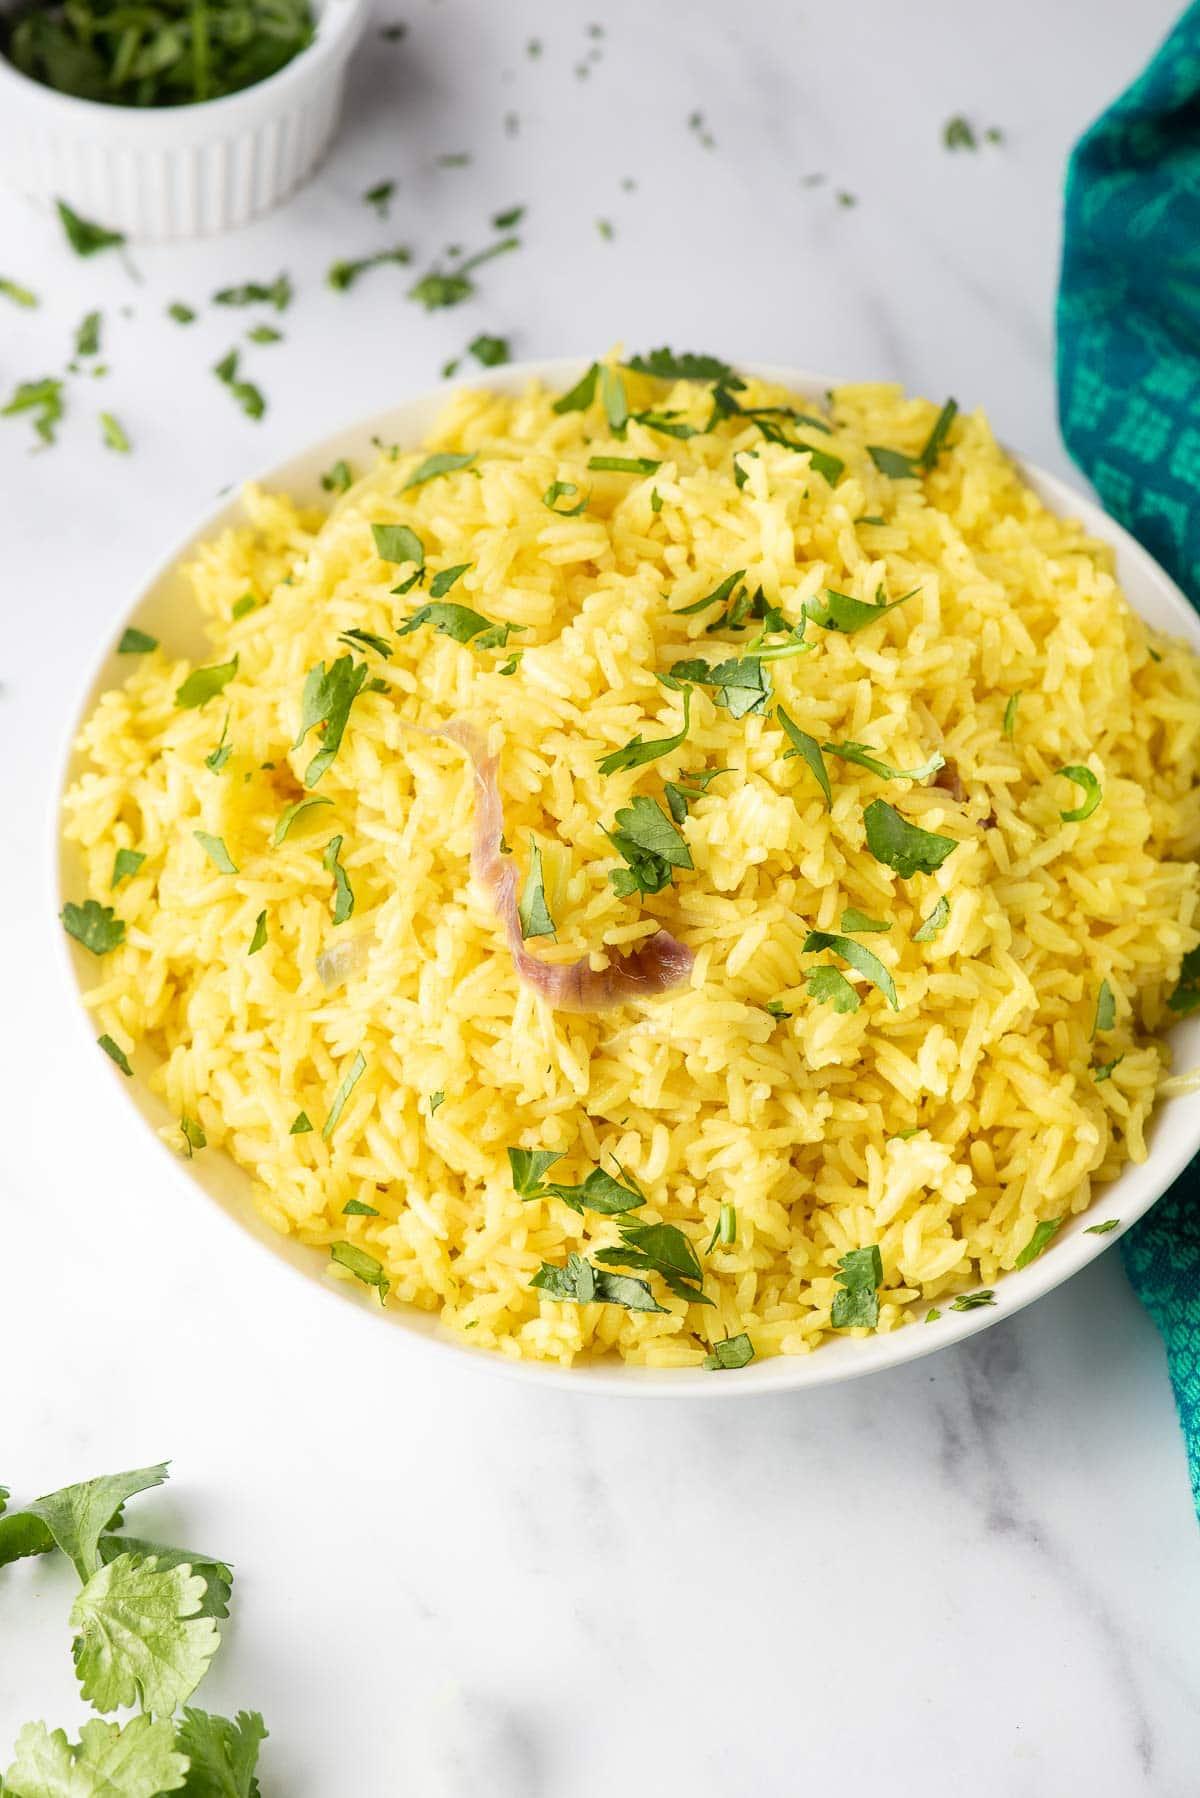 coconut rice in white bowl